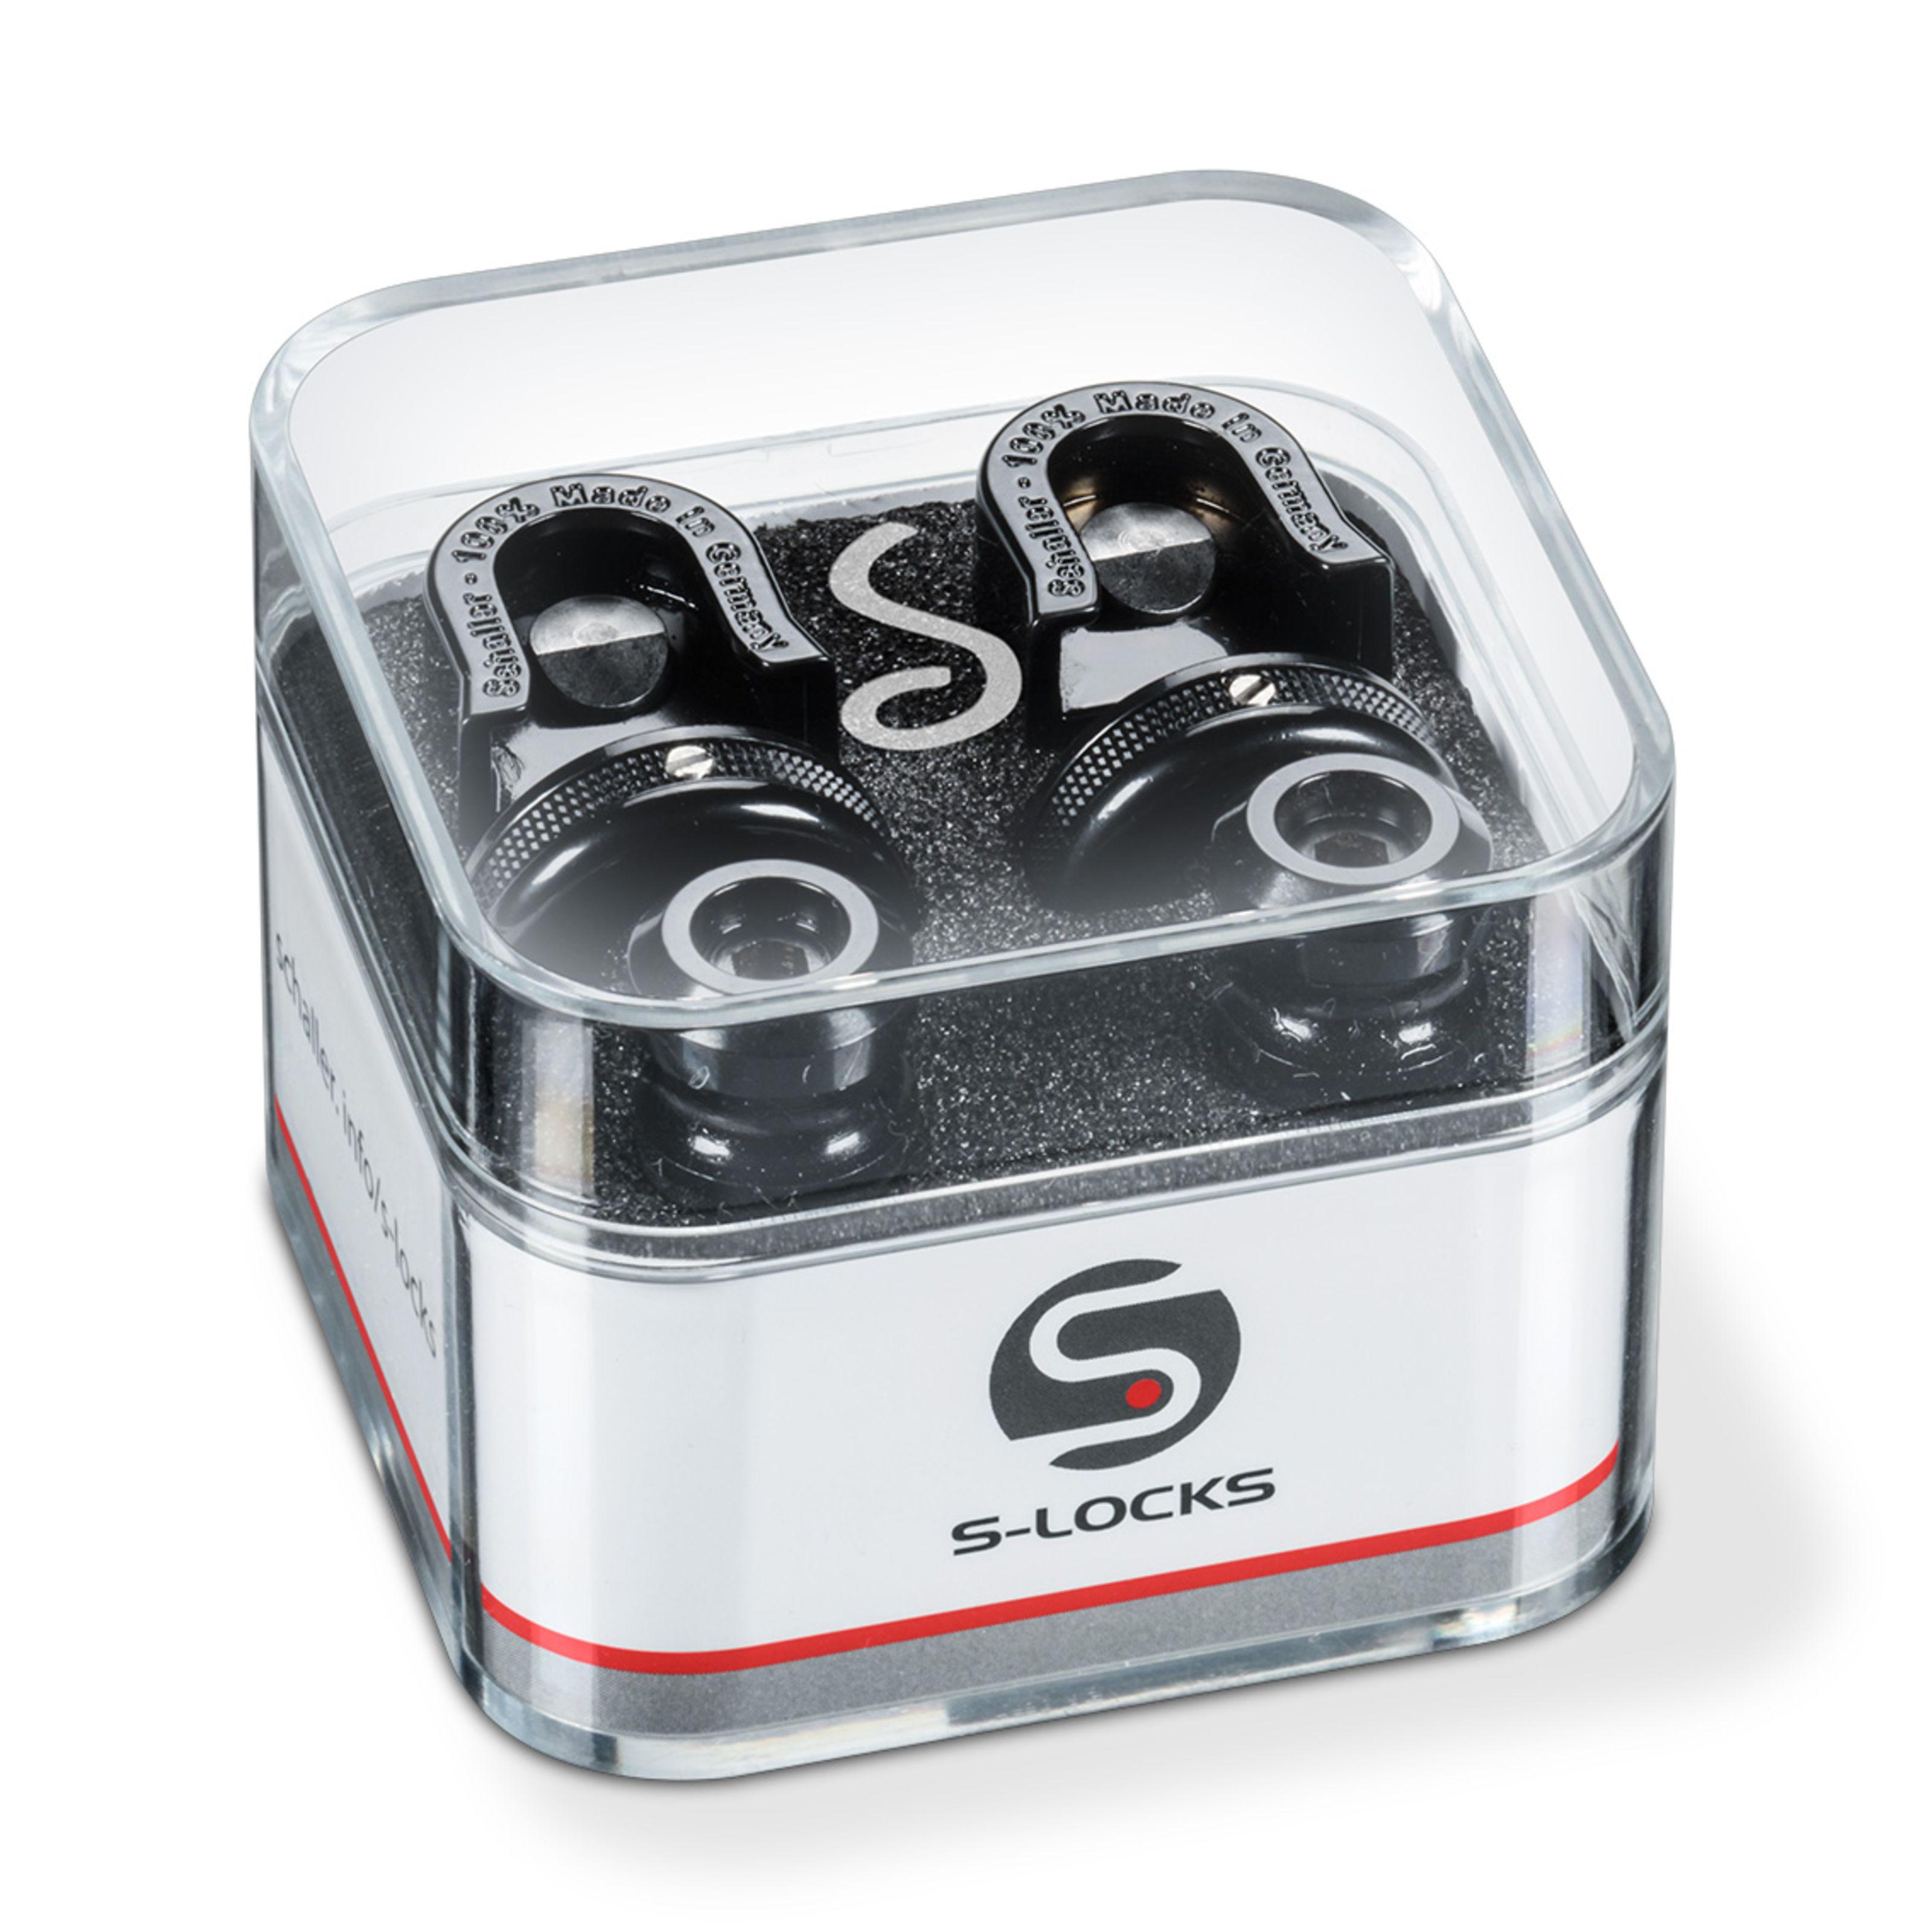 Schaller - S-Locks Black Chrome 740004